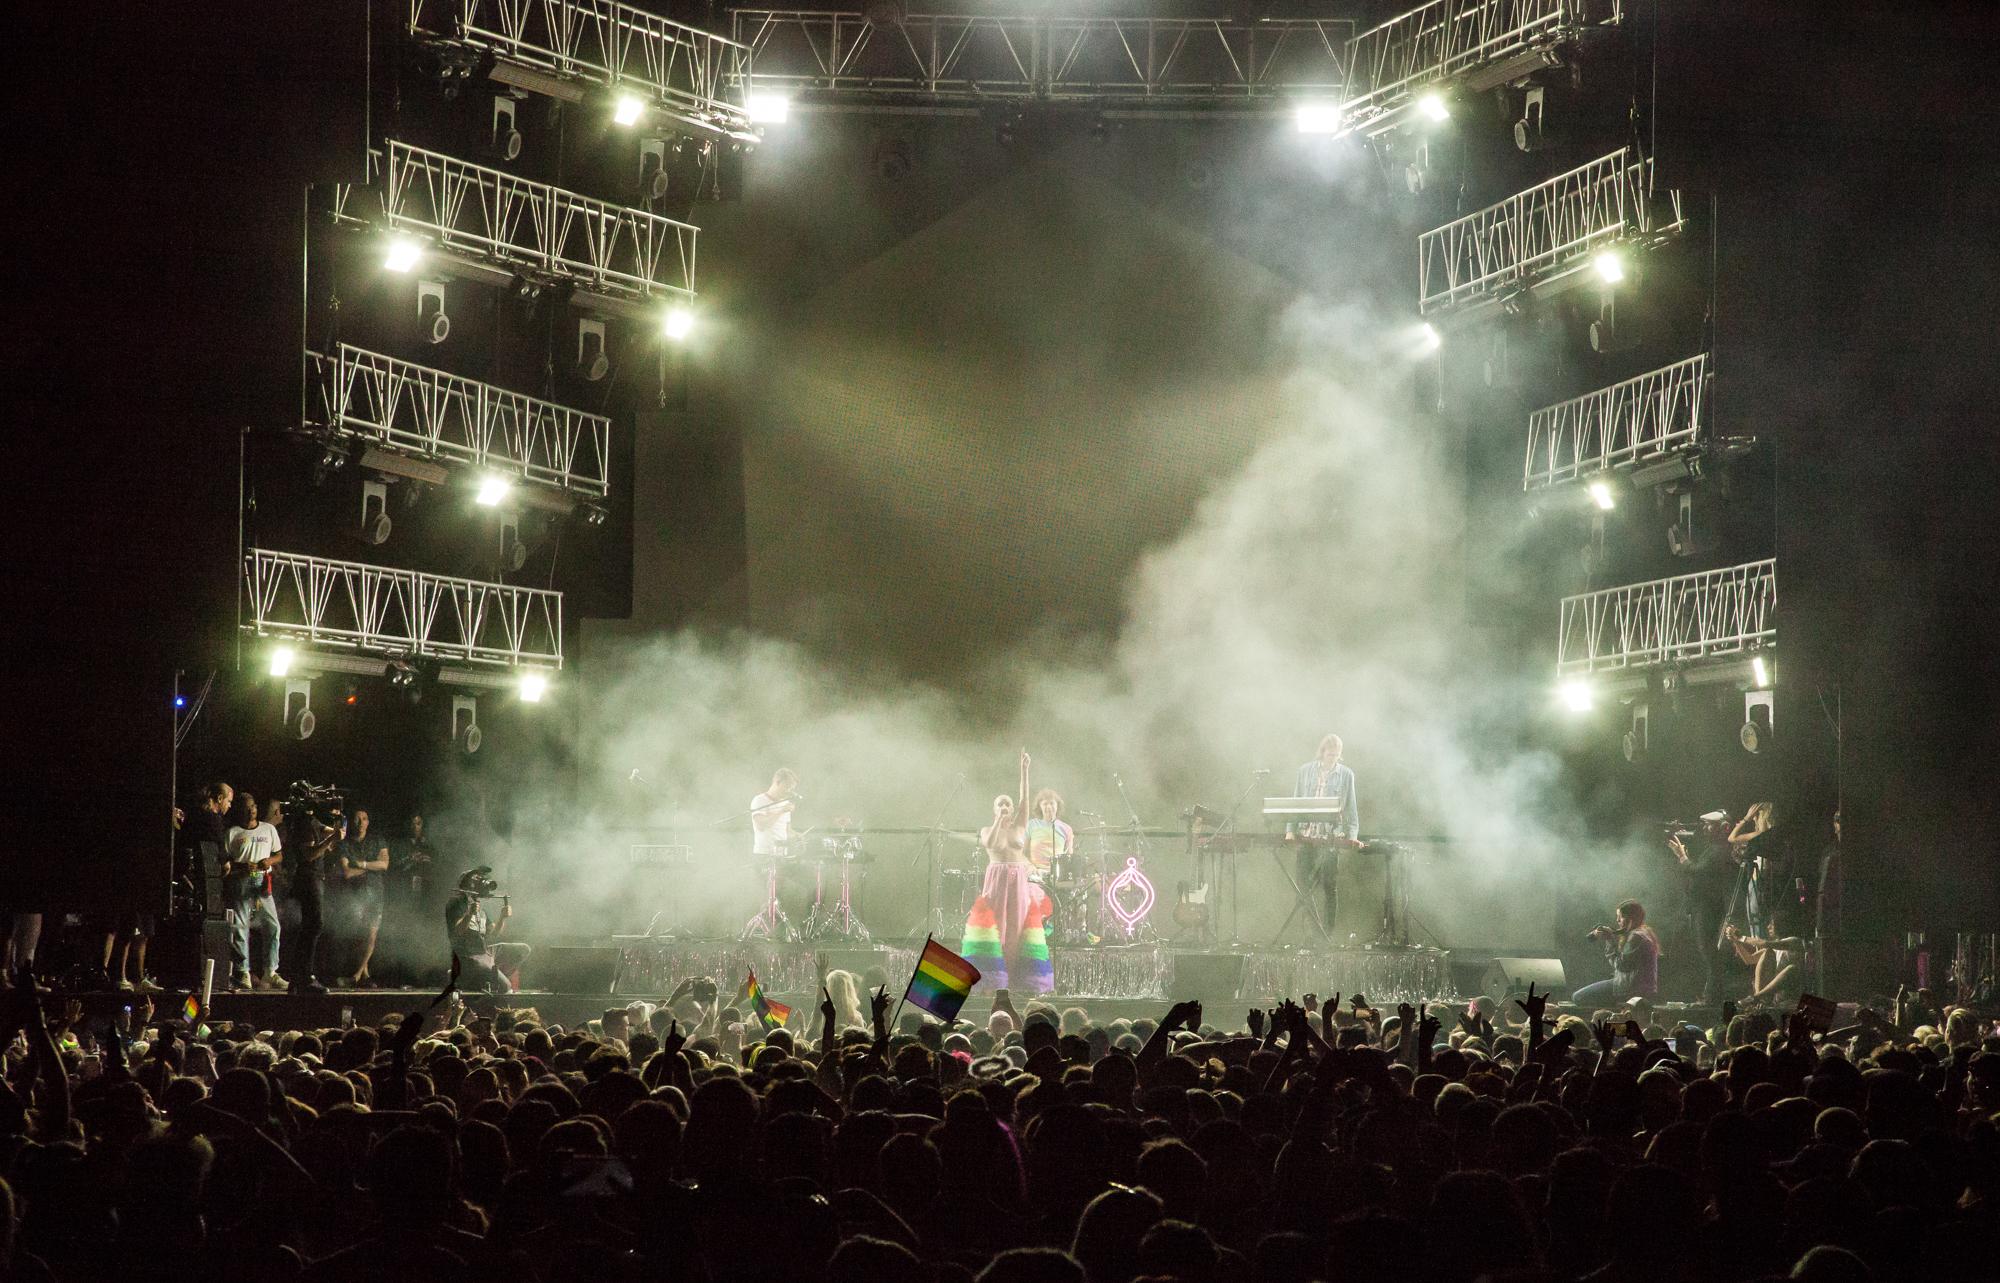 Tove Lo at LA Pride 2018. Photo by Kat Kaye.